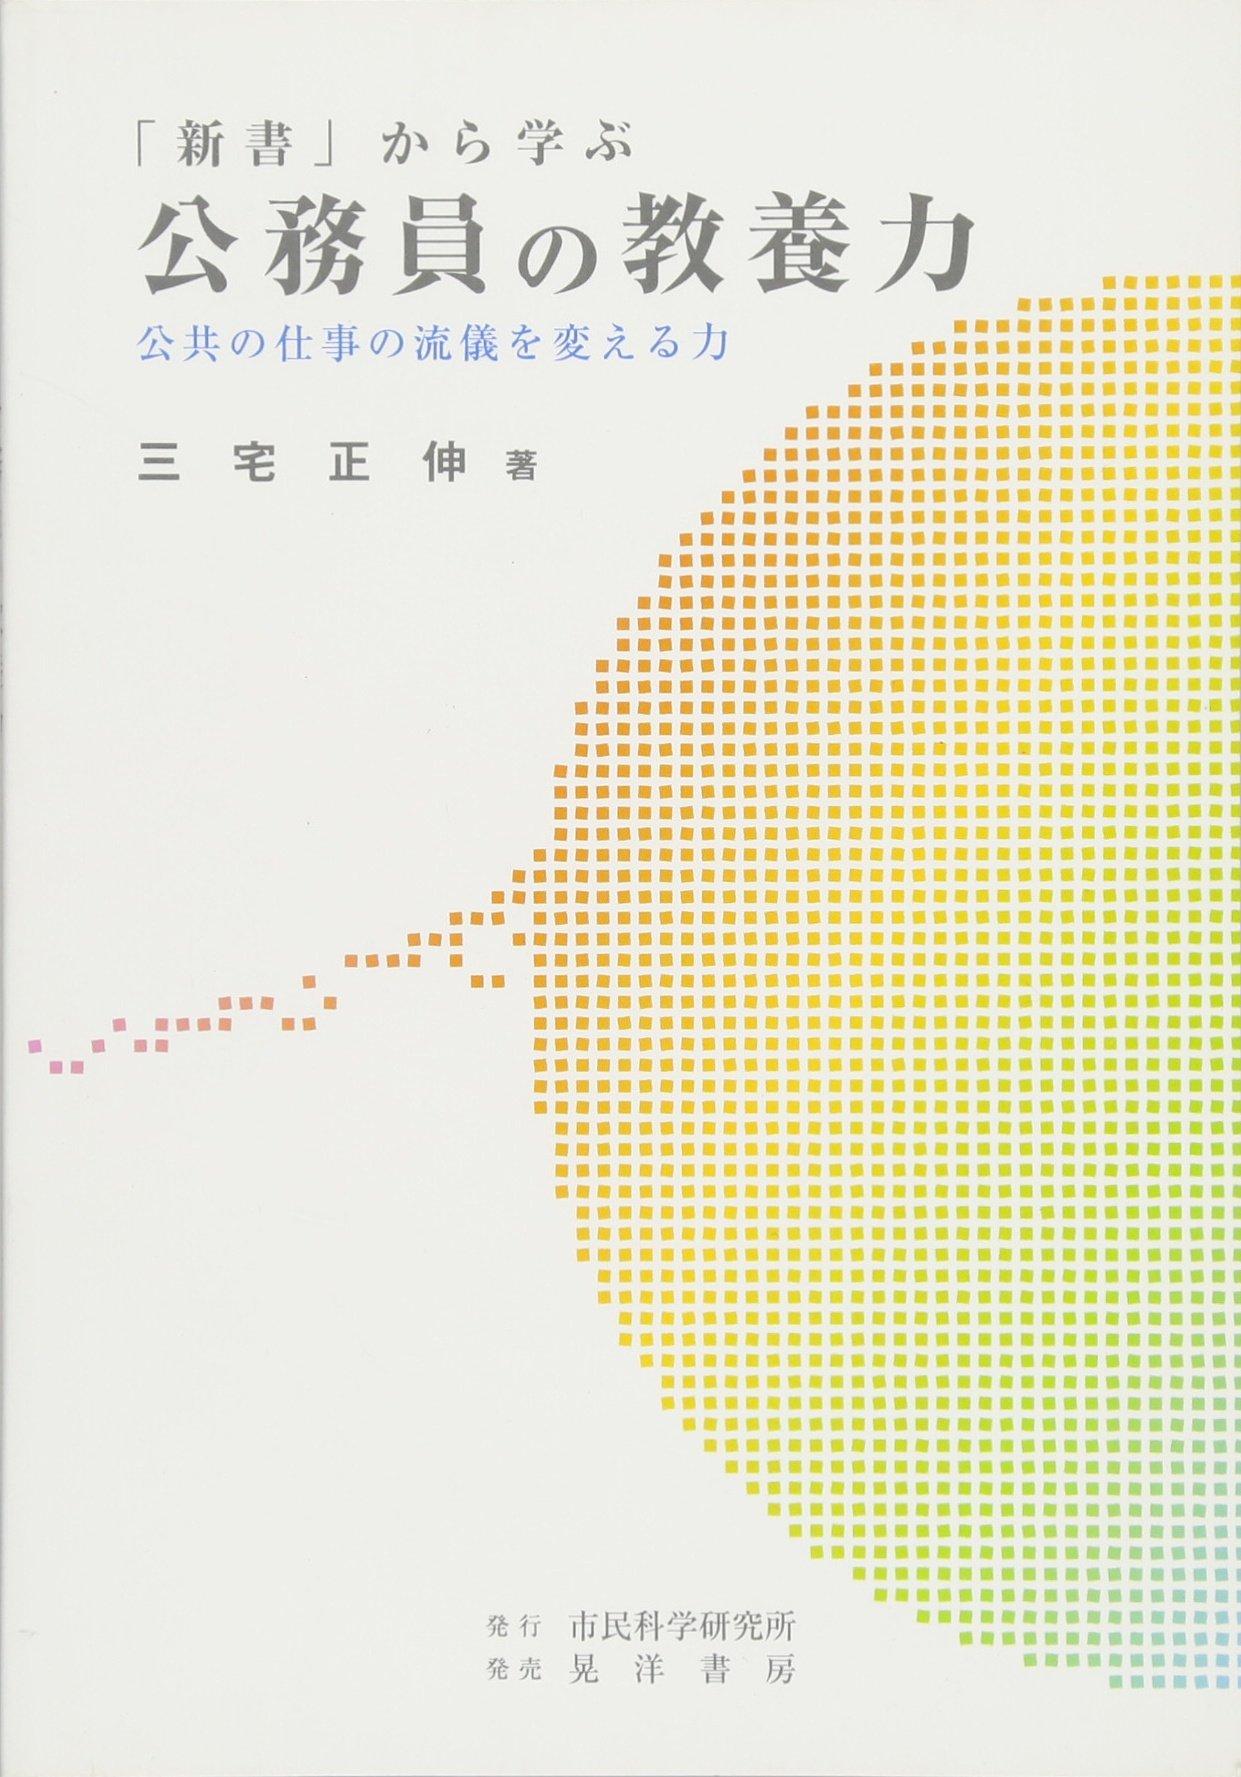 Shinsho kara manabu kōmuin no kyōyōryoku : kōkyō no shigoto no ryūgi o kaeru chikara ebook